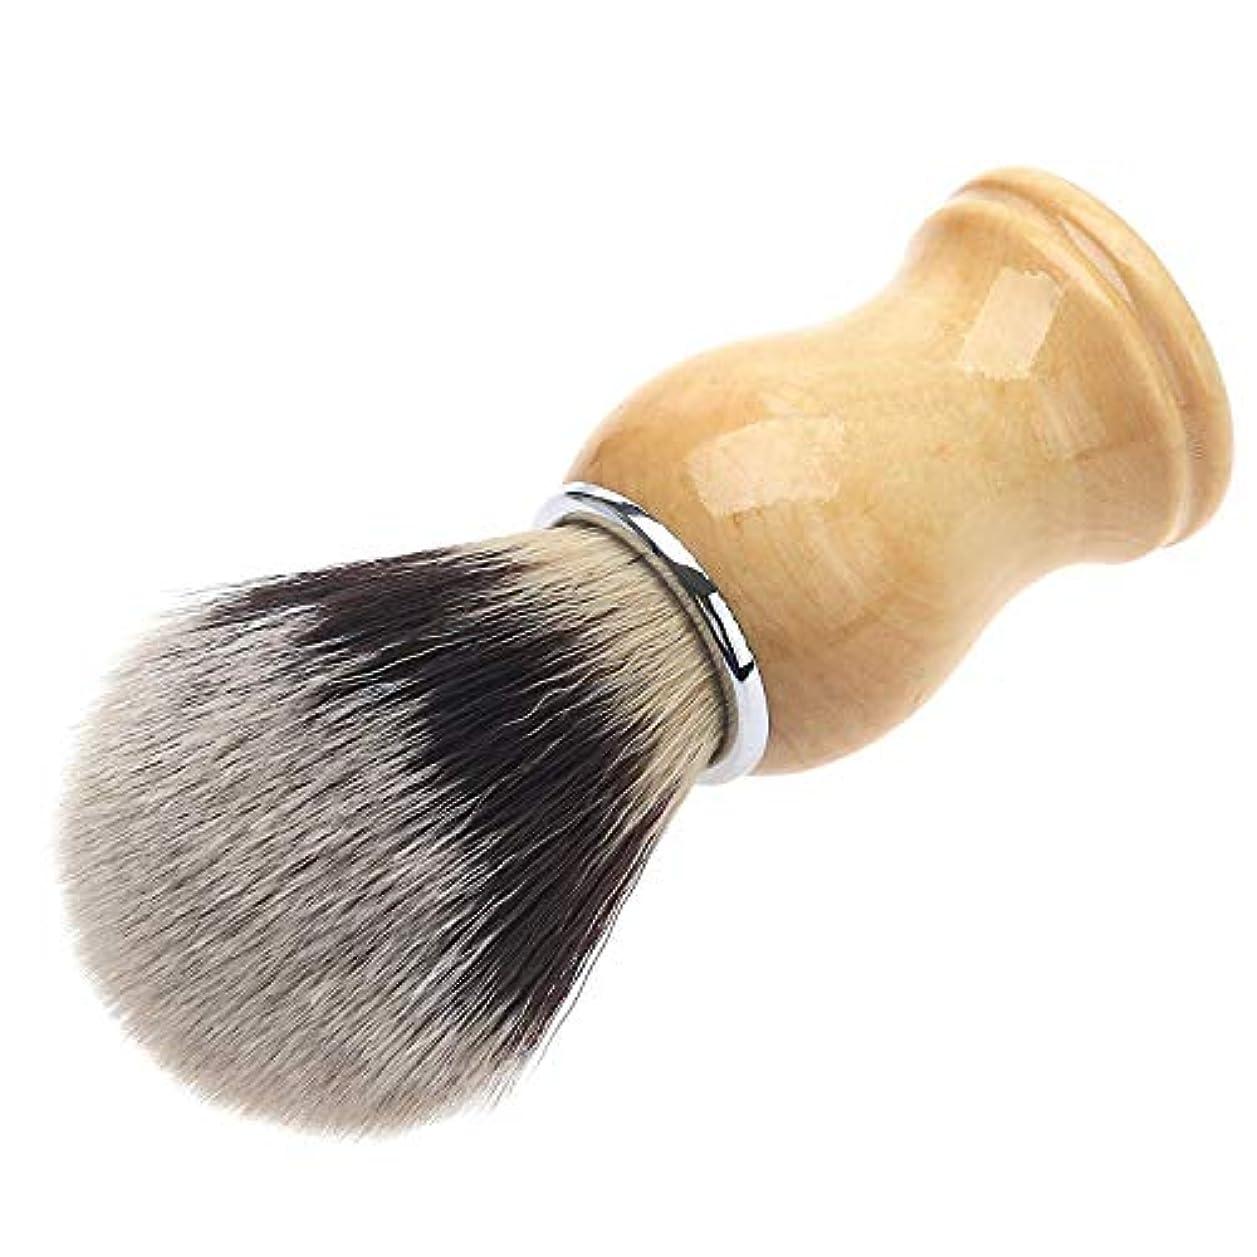 広い写真撮影分岐する1個 メンズ用 髭剃り ブラシ シェービングブラシ 木製ハンドル 男性